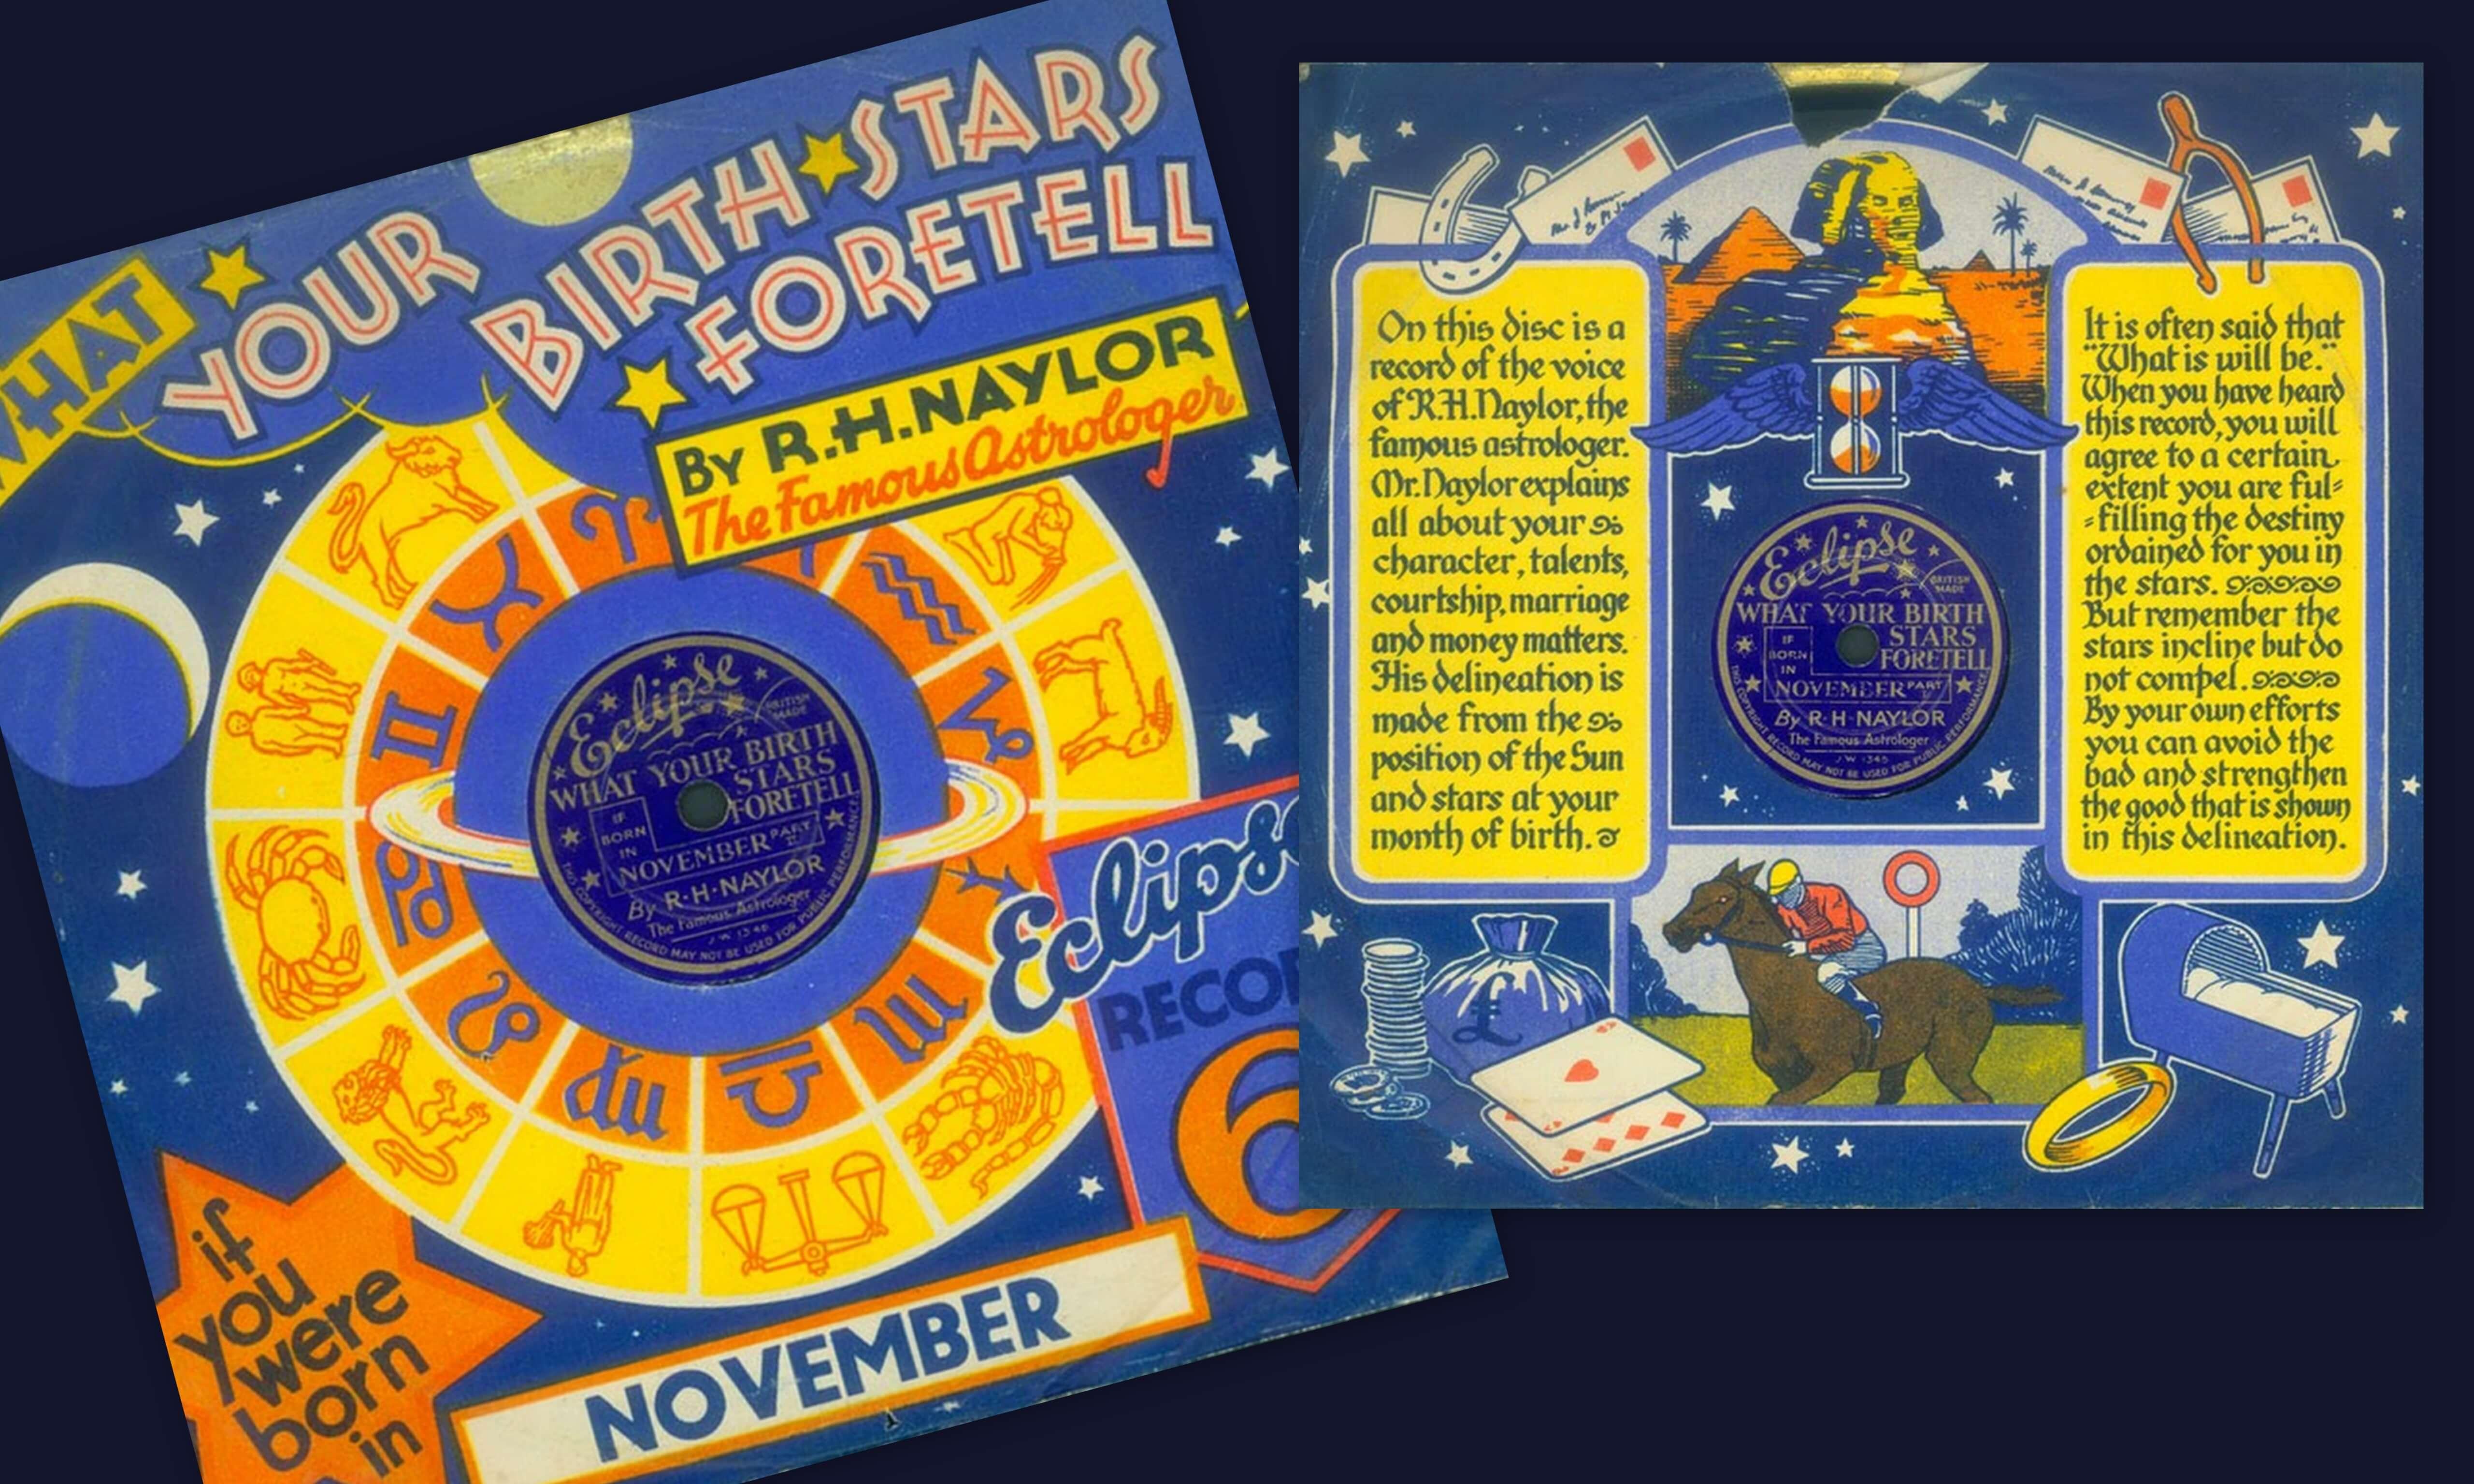 r h naylor - Por que gostamos tanto de astrologia?